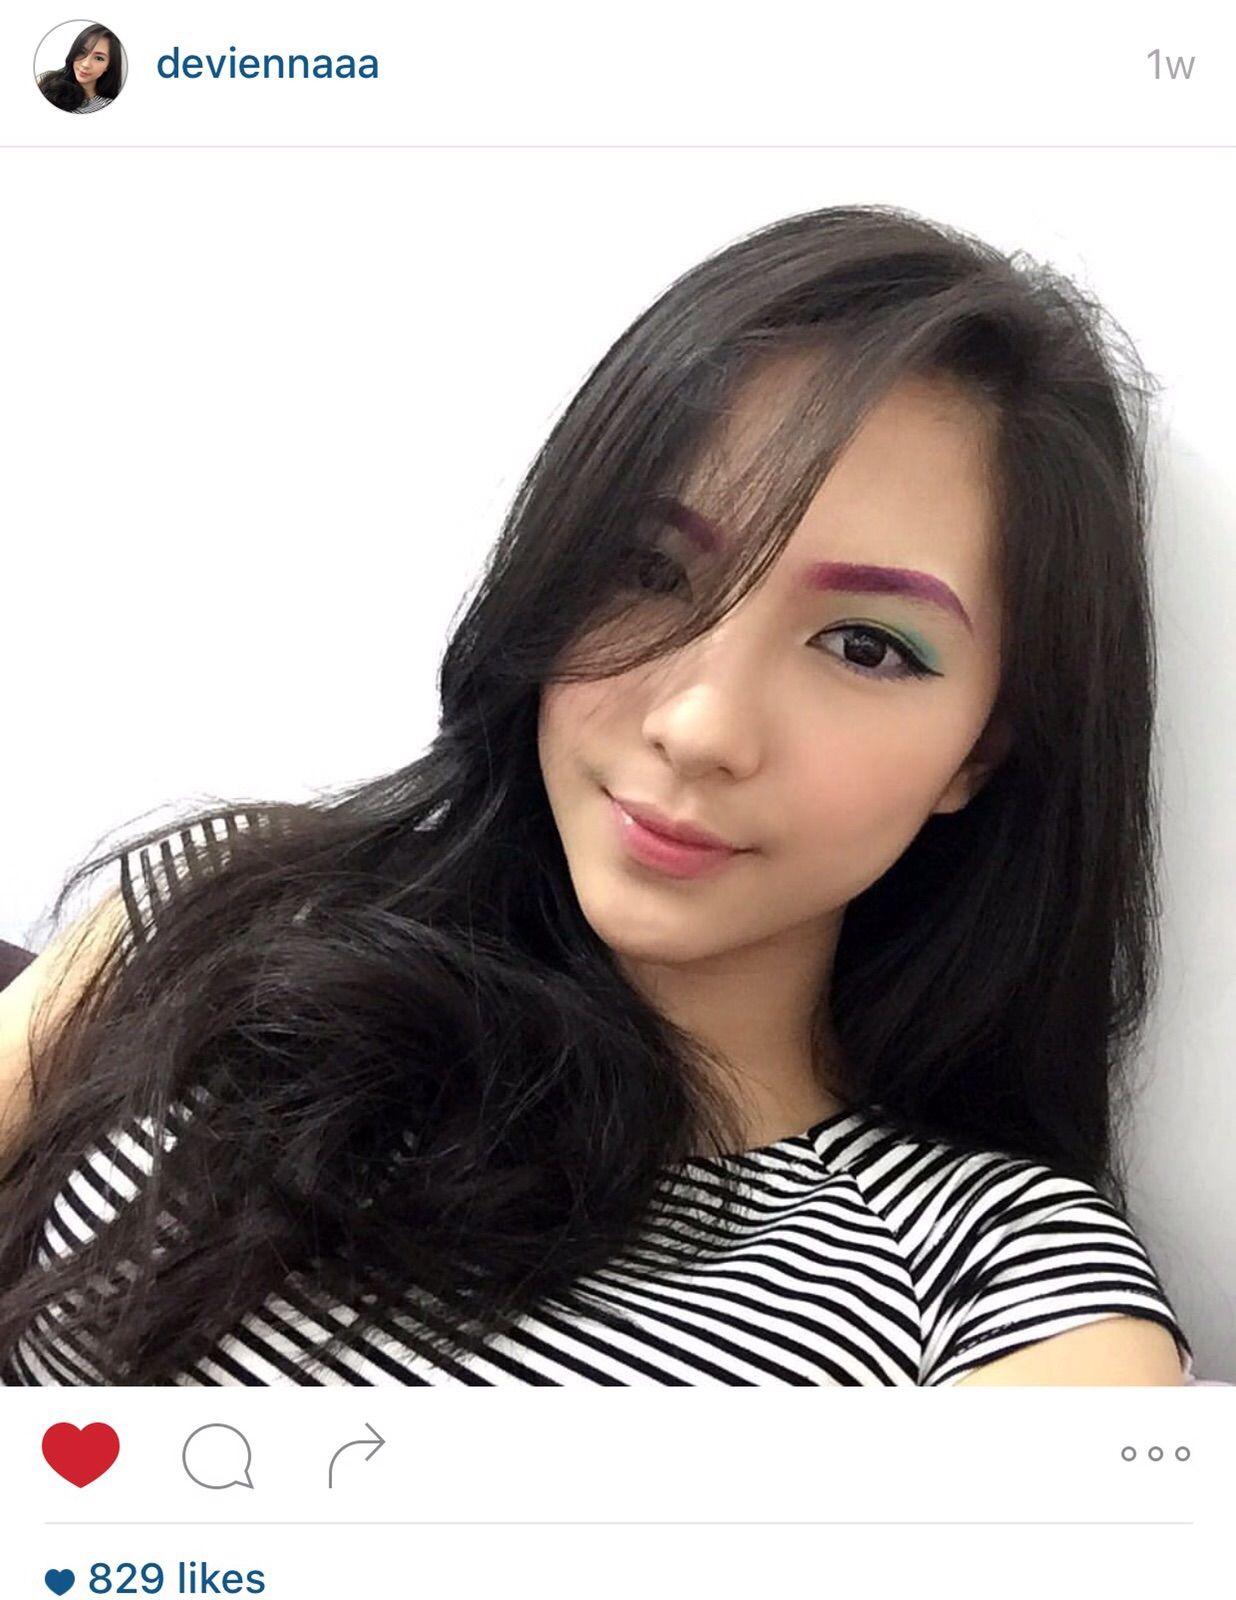 Devienna Cewe Super Cantik Jago Makeup Kaskus The Largest